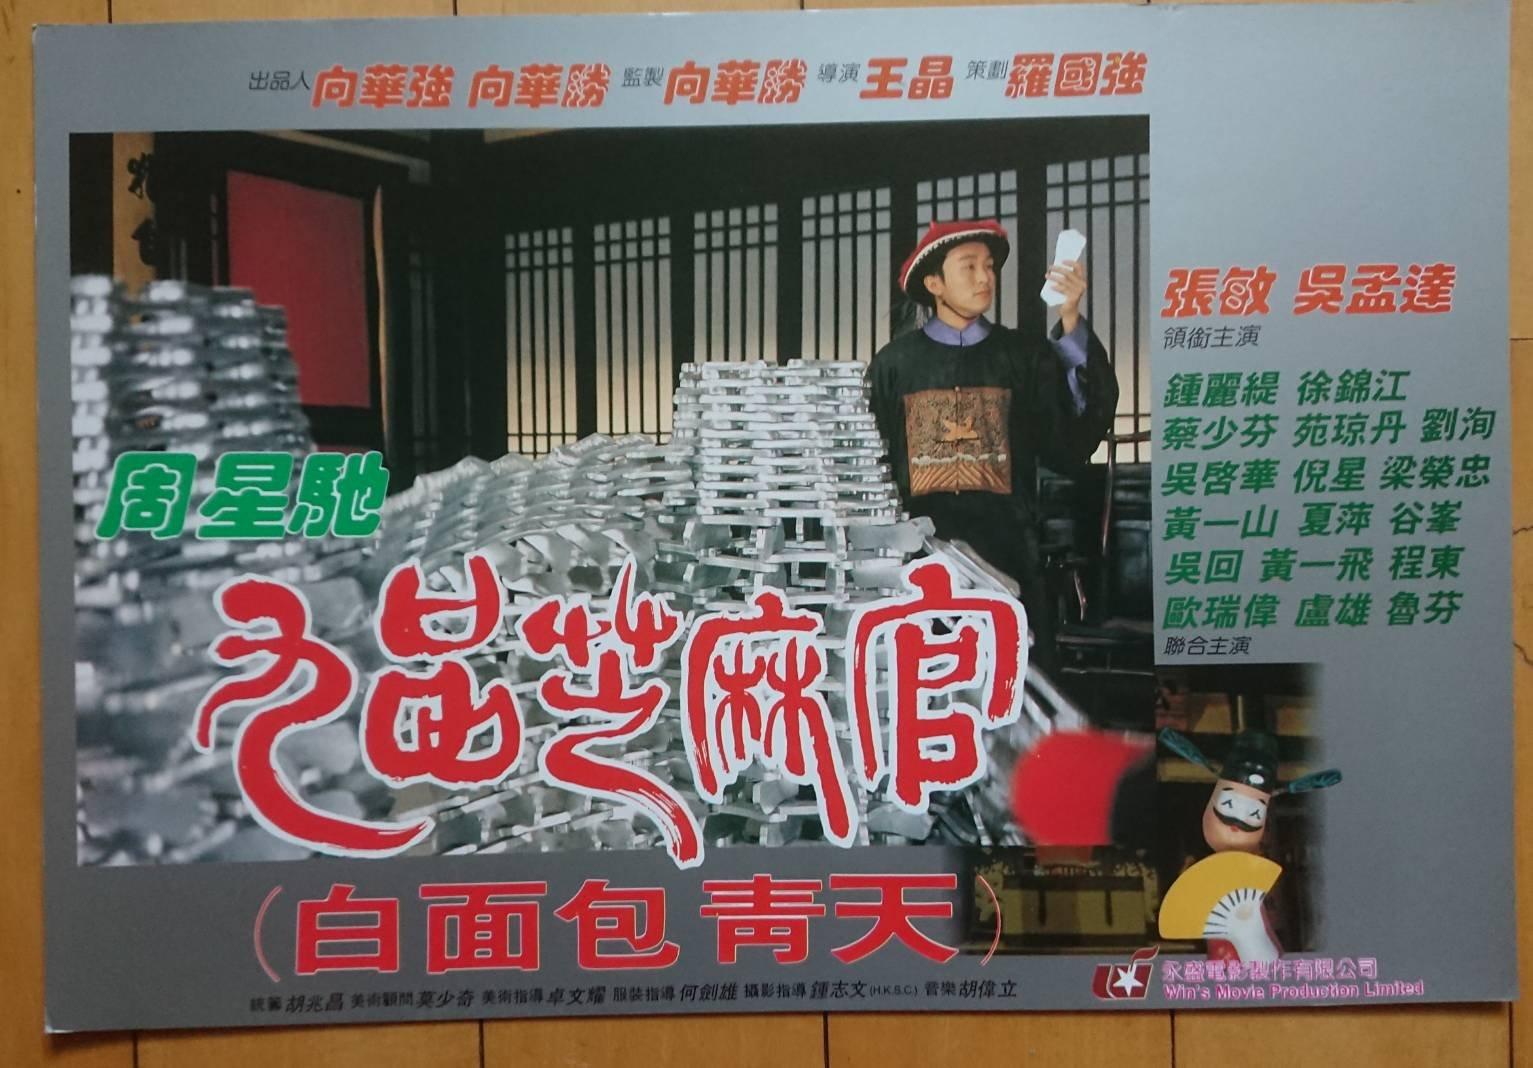 九品芝麻官(白面包青天,Hail the Judge) - 張敏、吳孟達 - 香港原版電影劇照 (1994年)